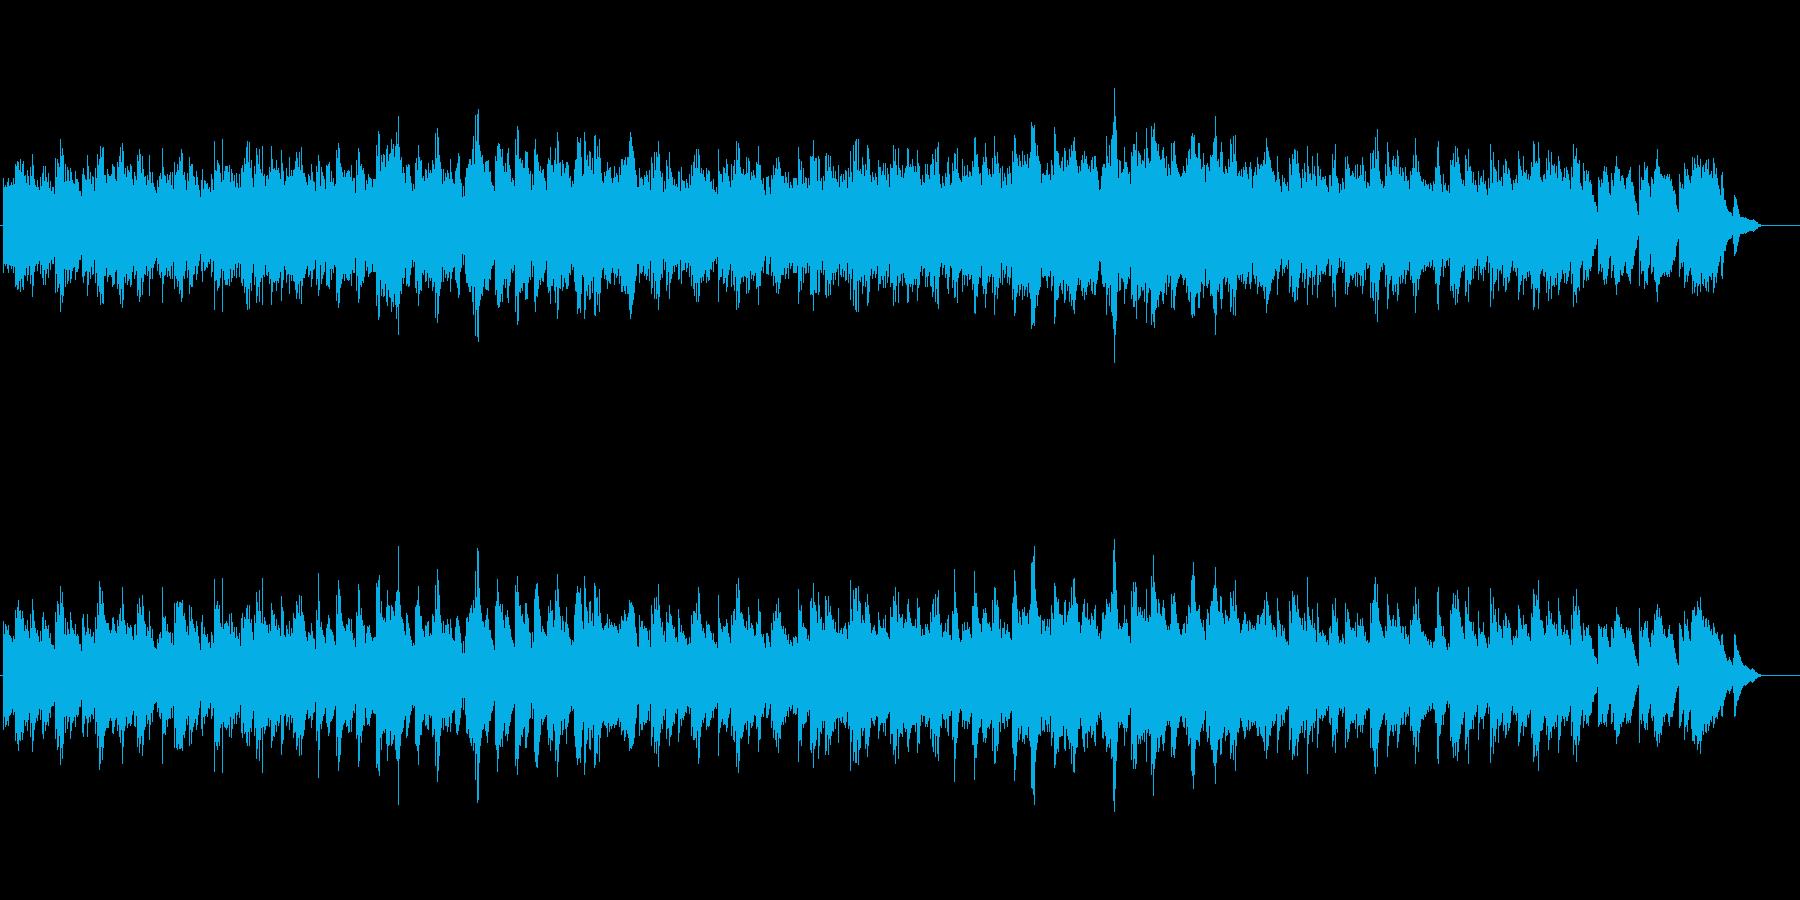 回想シーンを想定したドリーミーなバラードの再生済みの波形